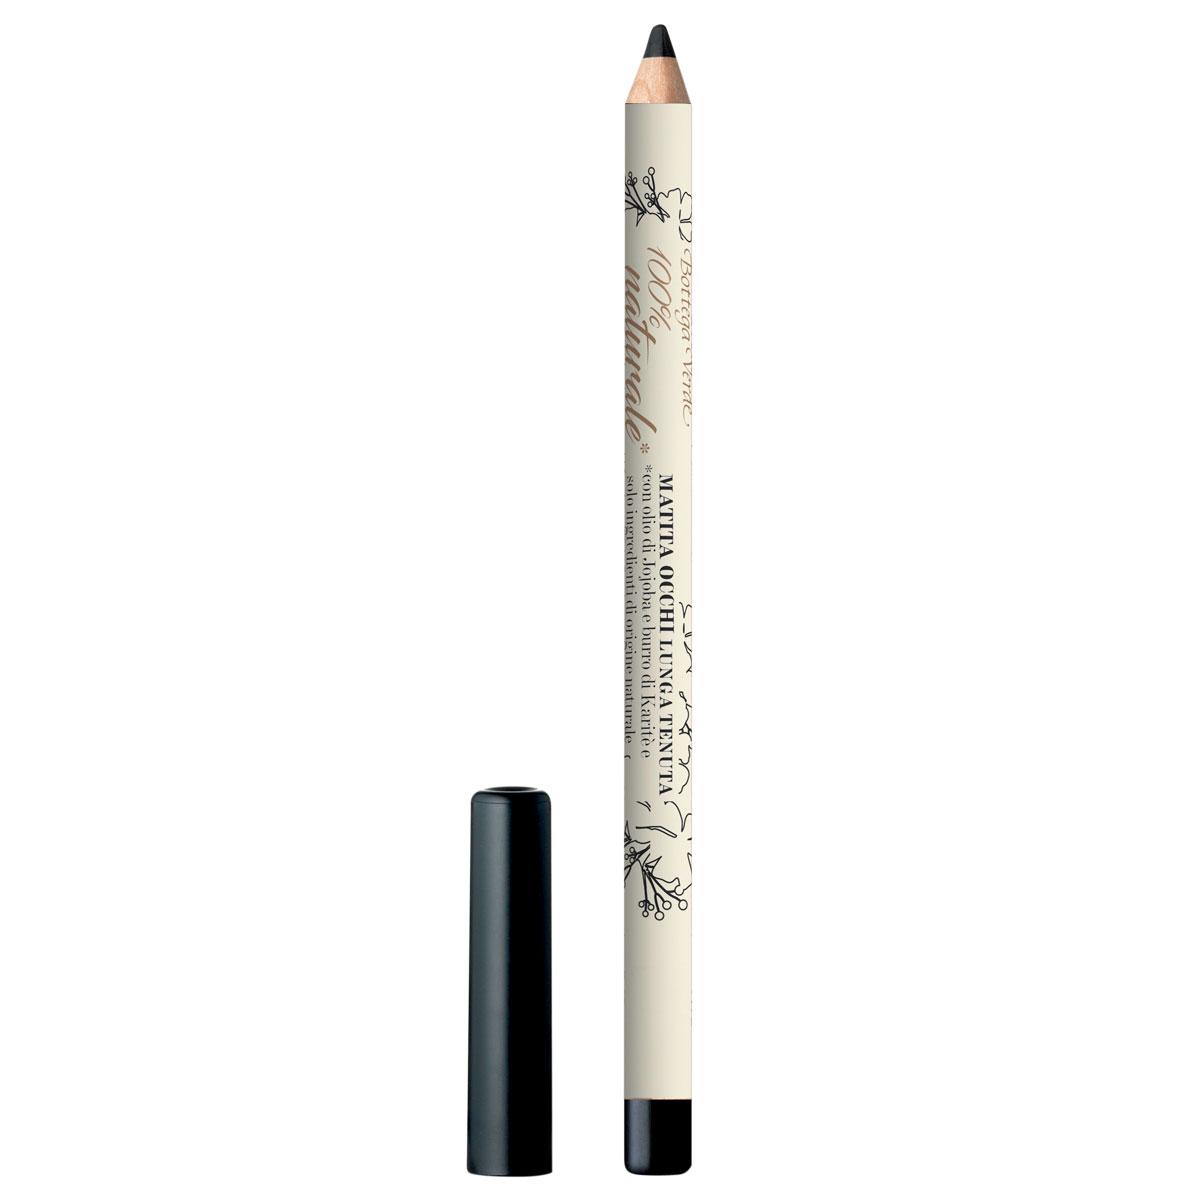 Creion de ochi de de lunga durata cu extract de unt de shea si unt de jojoba., negru - 100% natural